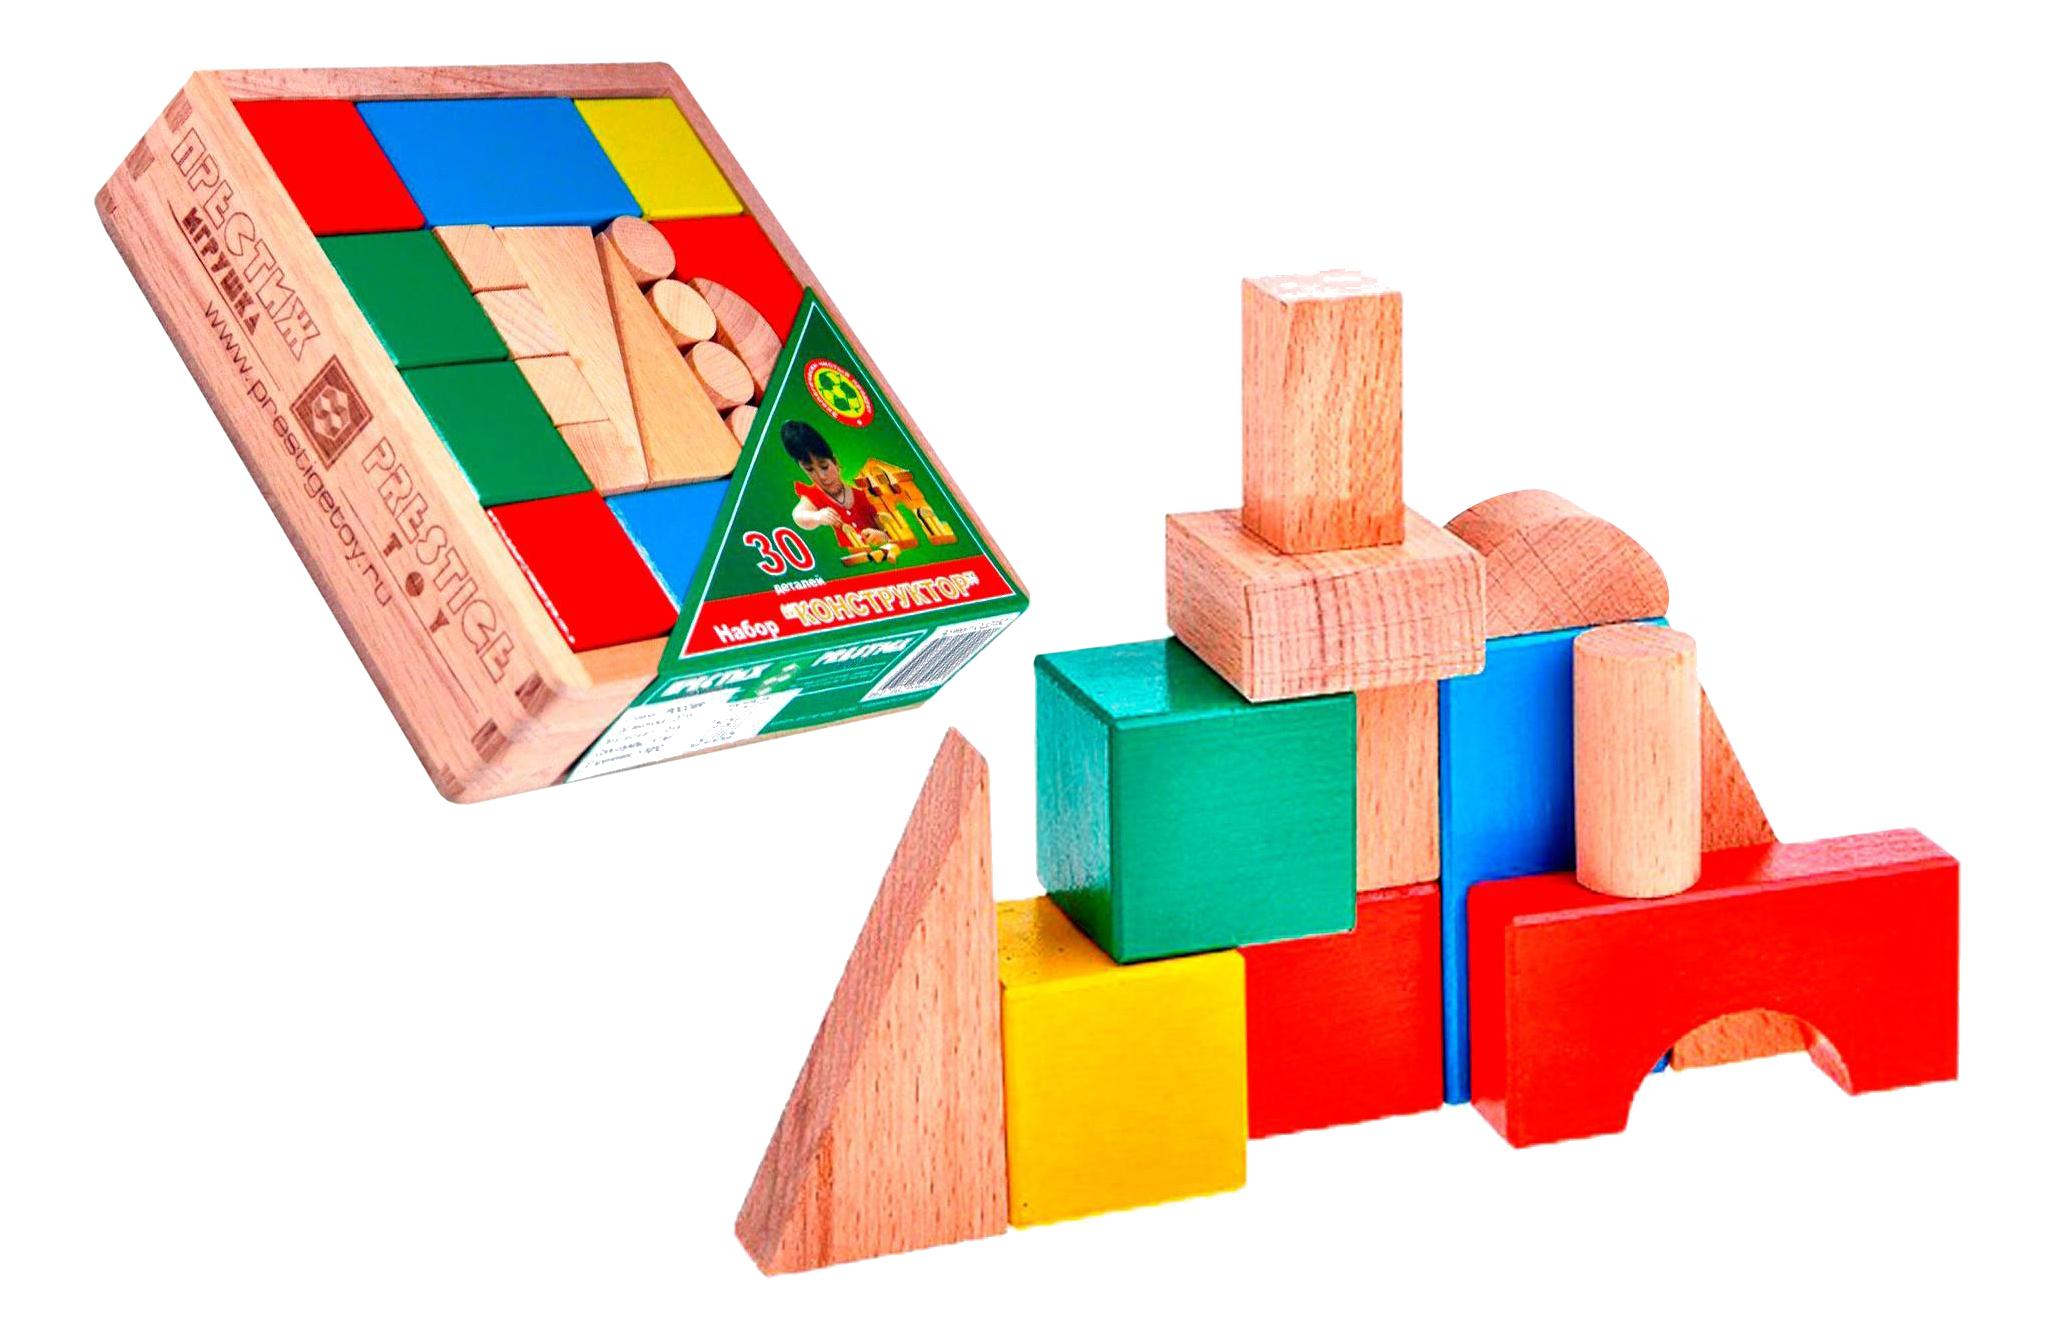 Купить СЦ2152, Конструктор деревянный Престиж-игрушка Конструктор деревянный цветной 30 деталей, Престиж-Игрушка,